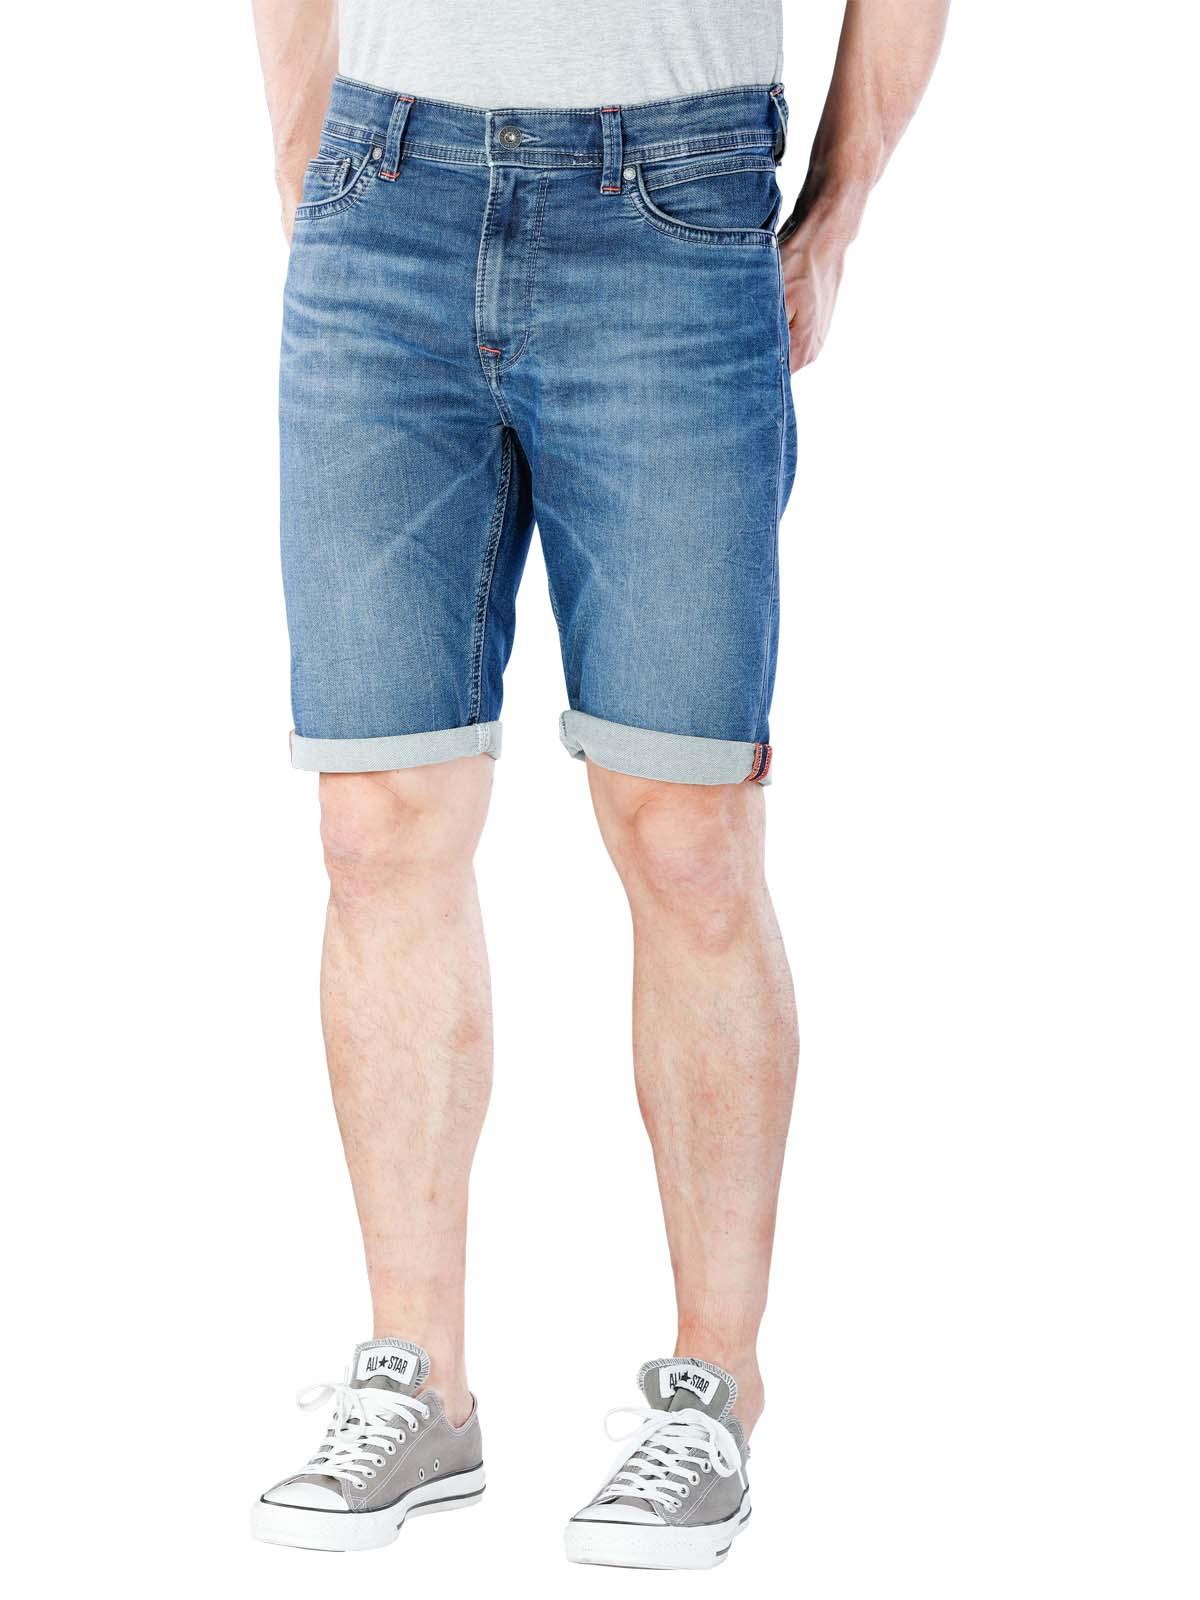 G Star A CROTCH Herren Jeans Hose 3D Cut W27 L32 Jeans